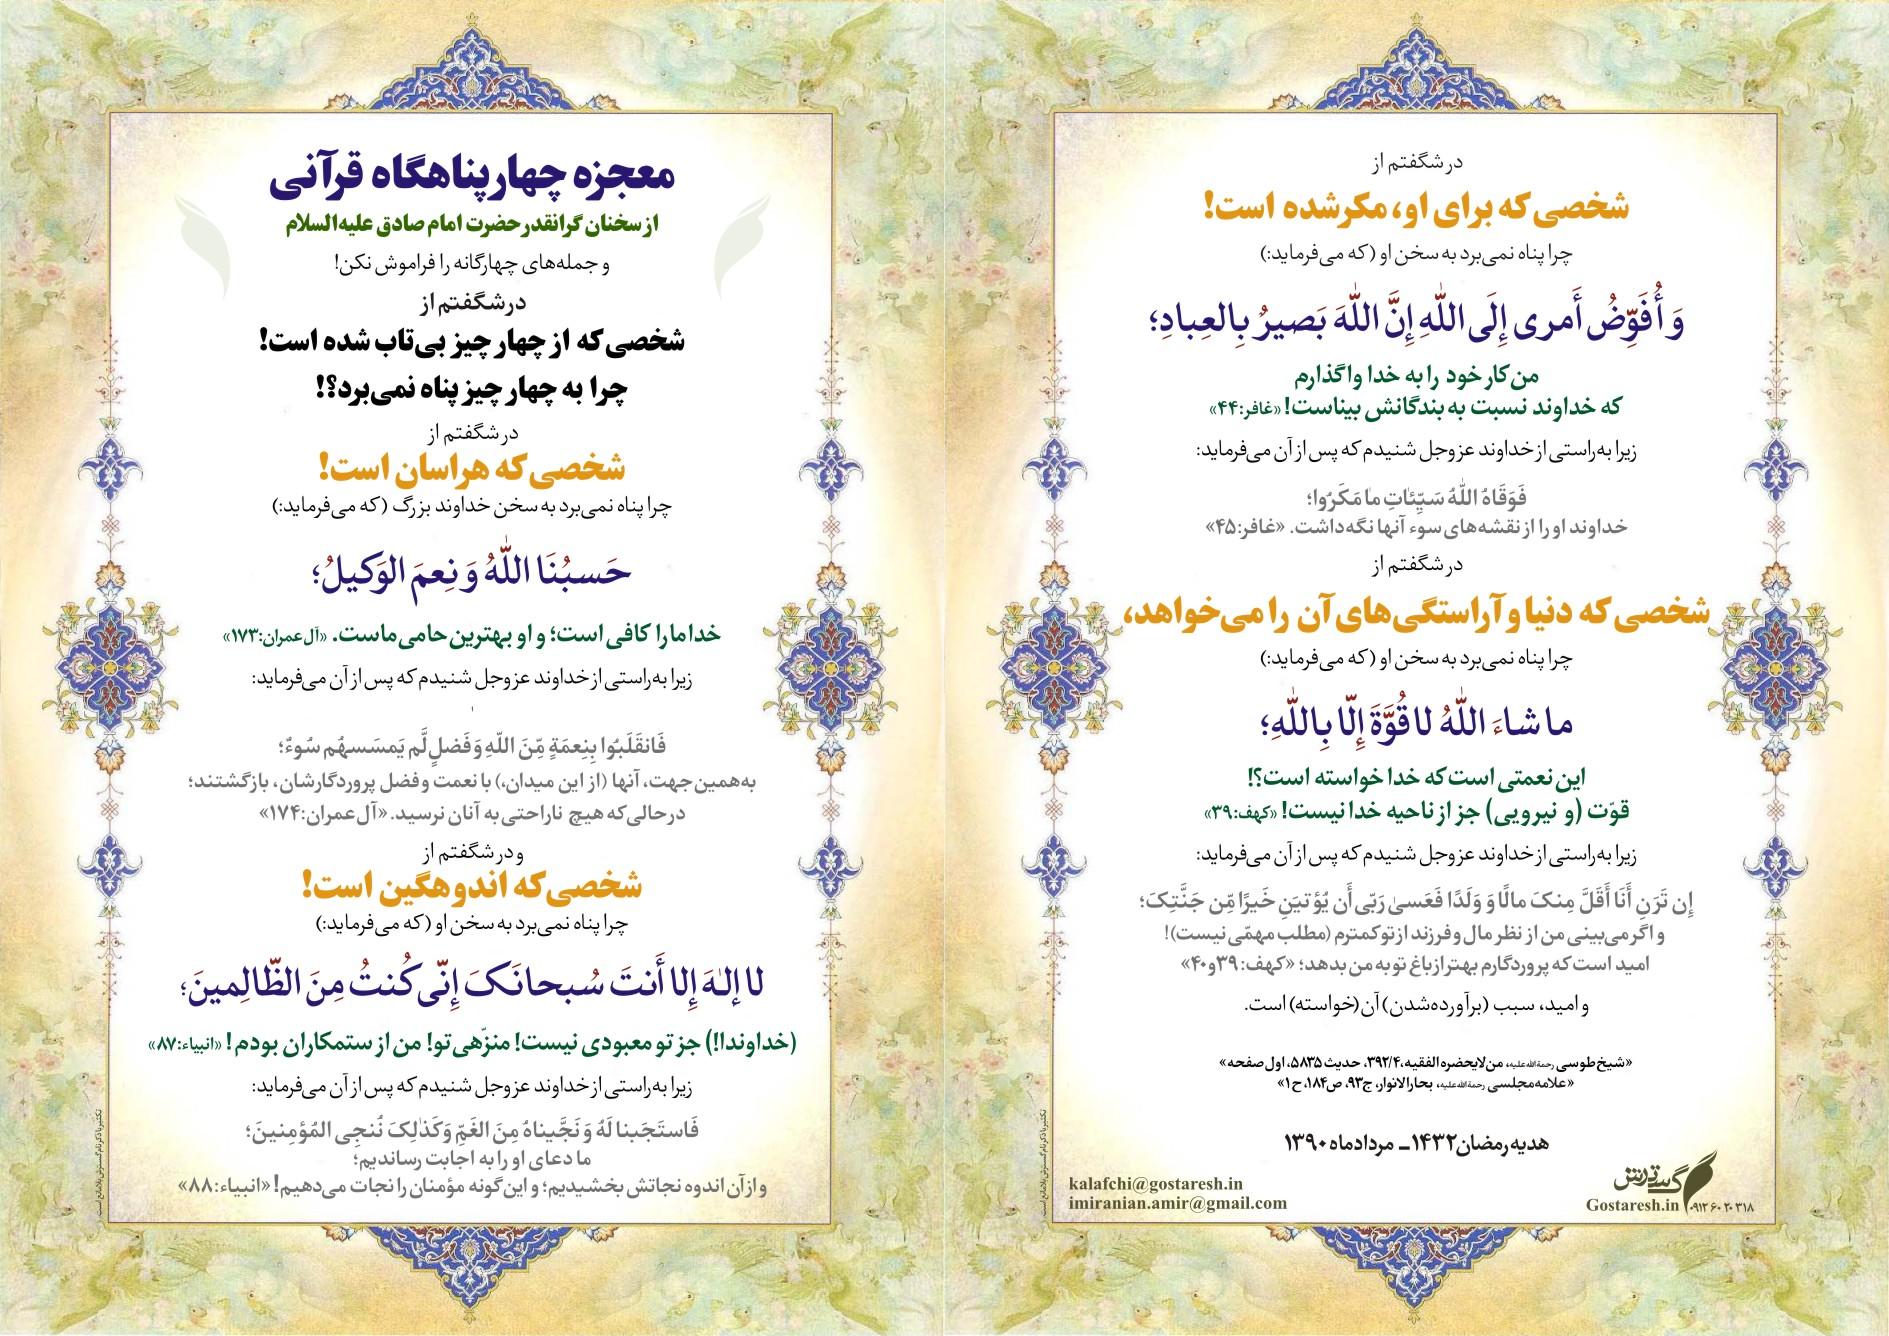 چهار پناهگاه قرآنی